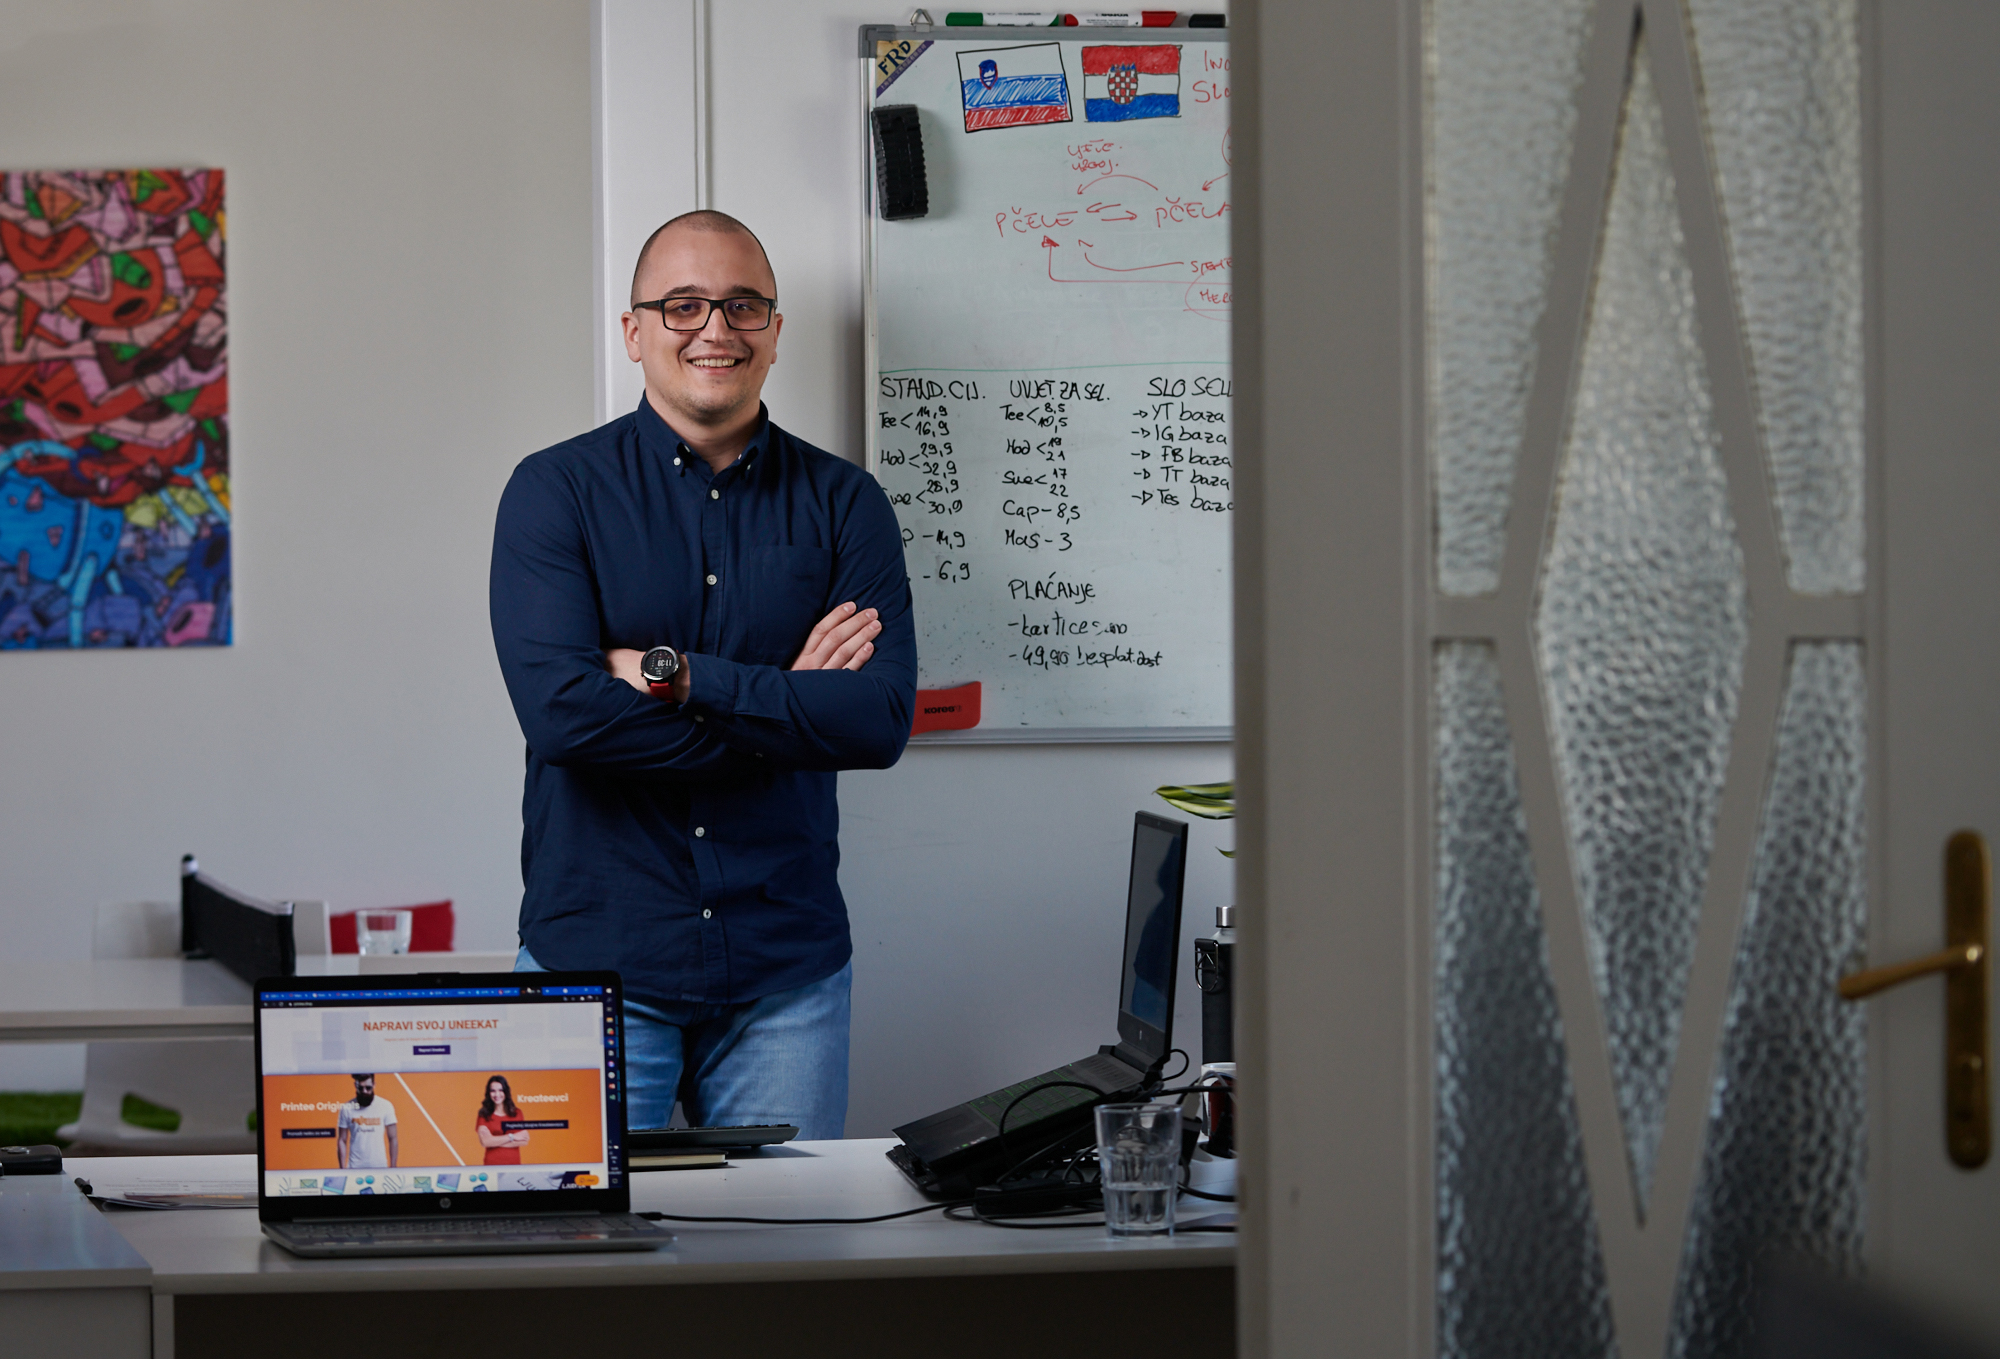 Andrej je usred covid-krize dao otkaz i otvorio svoju firmu. Nije se bojao, inspirirao ga je Winston Churchill